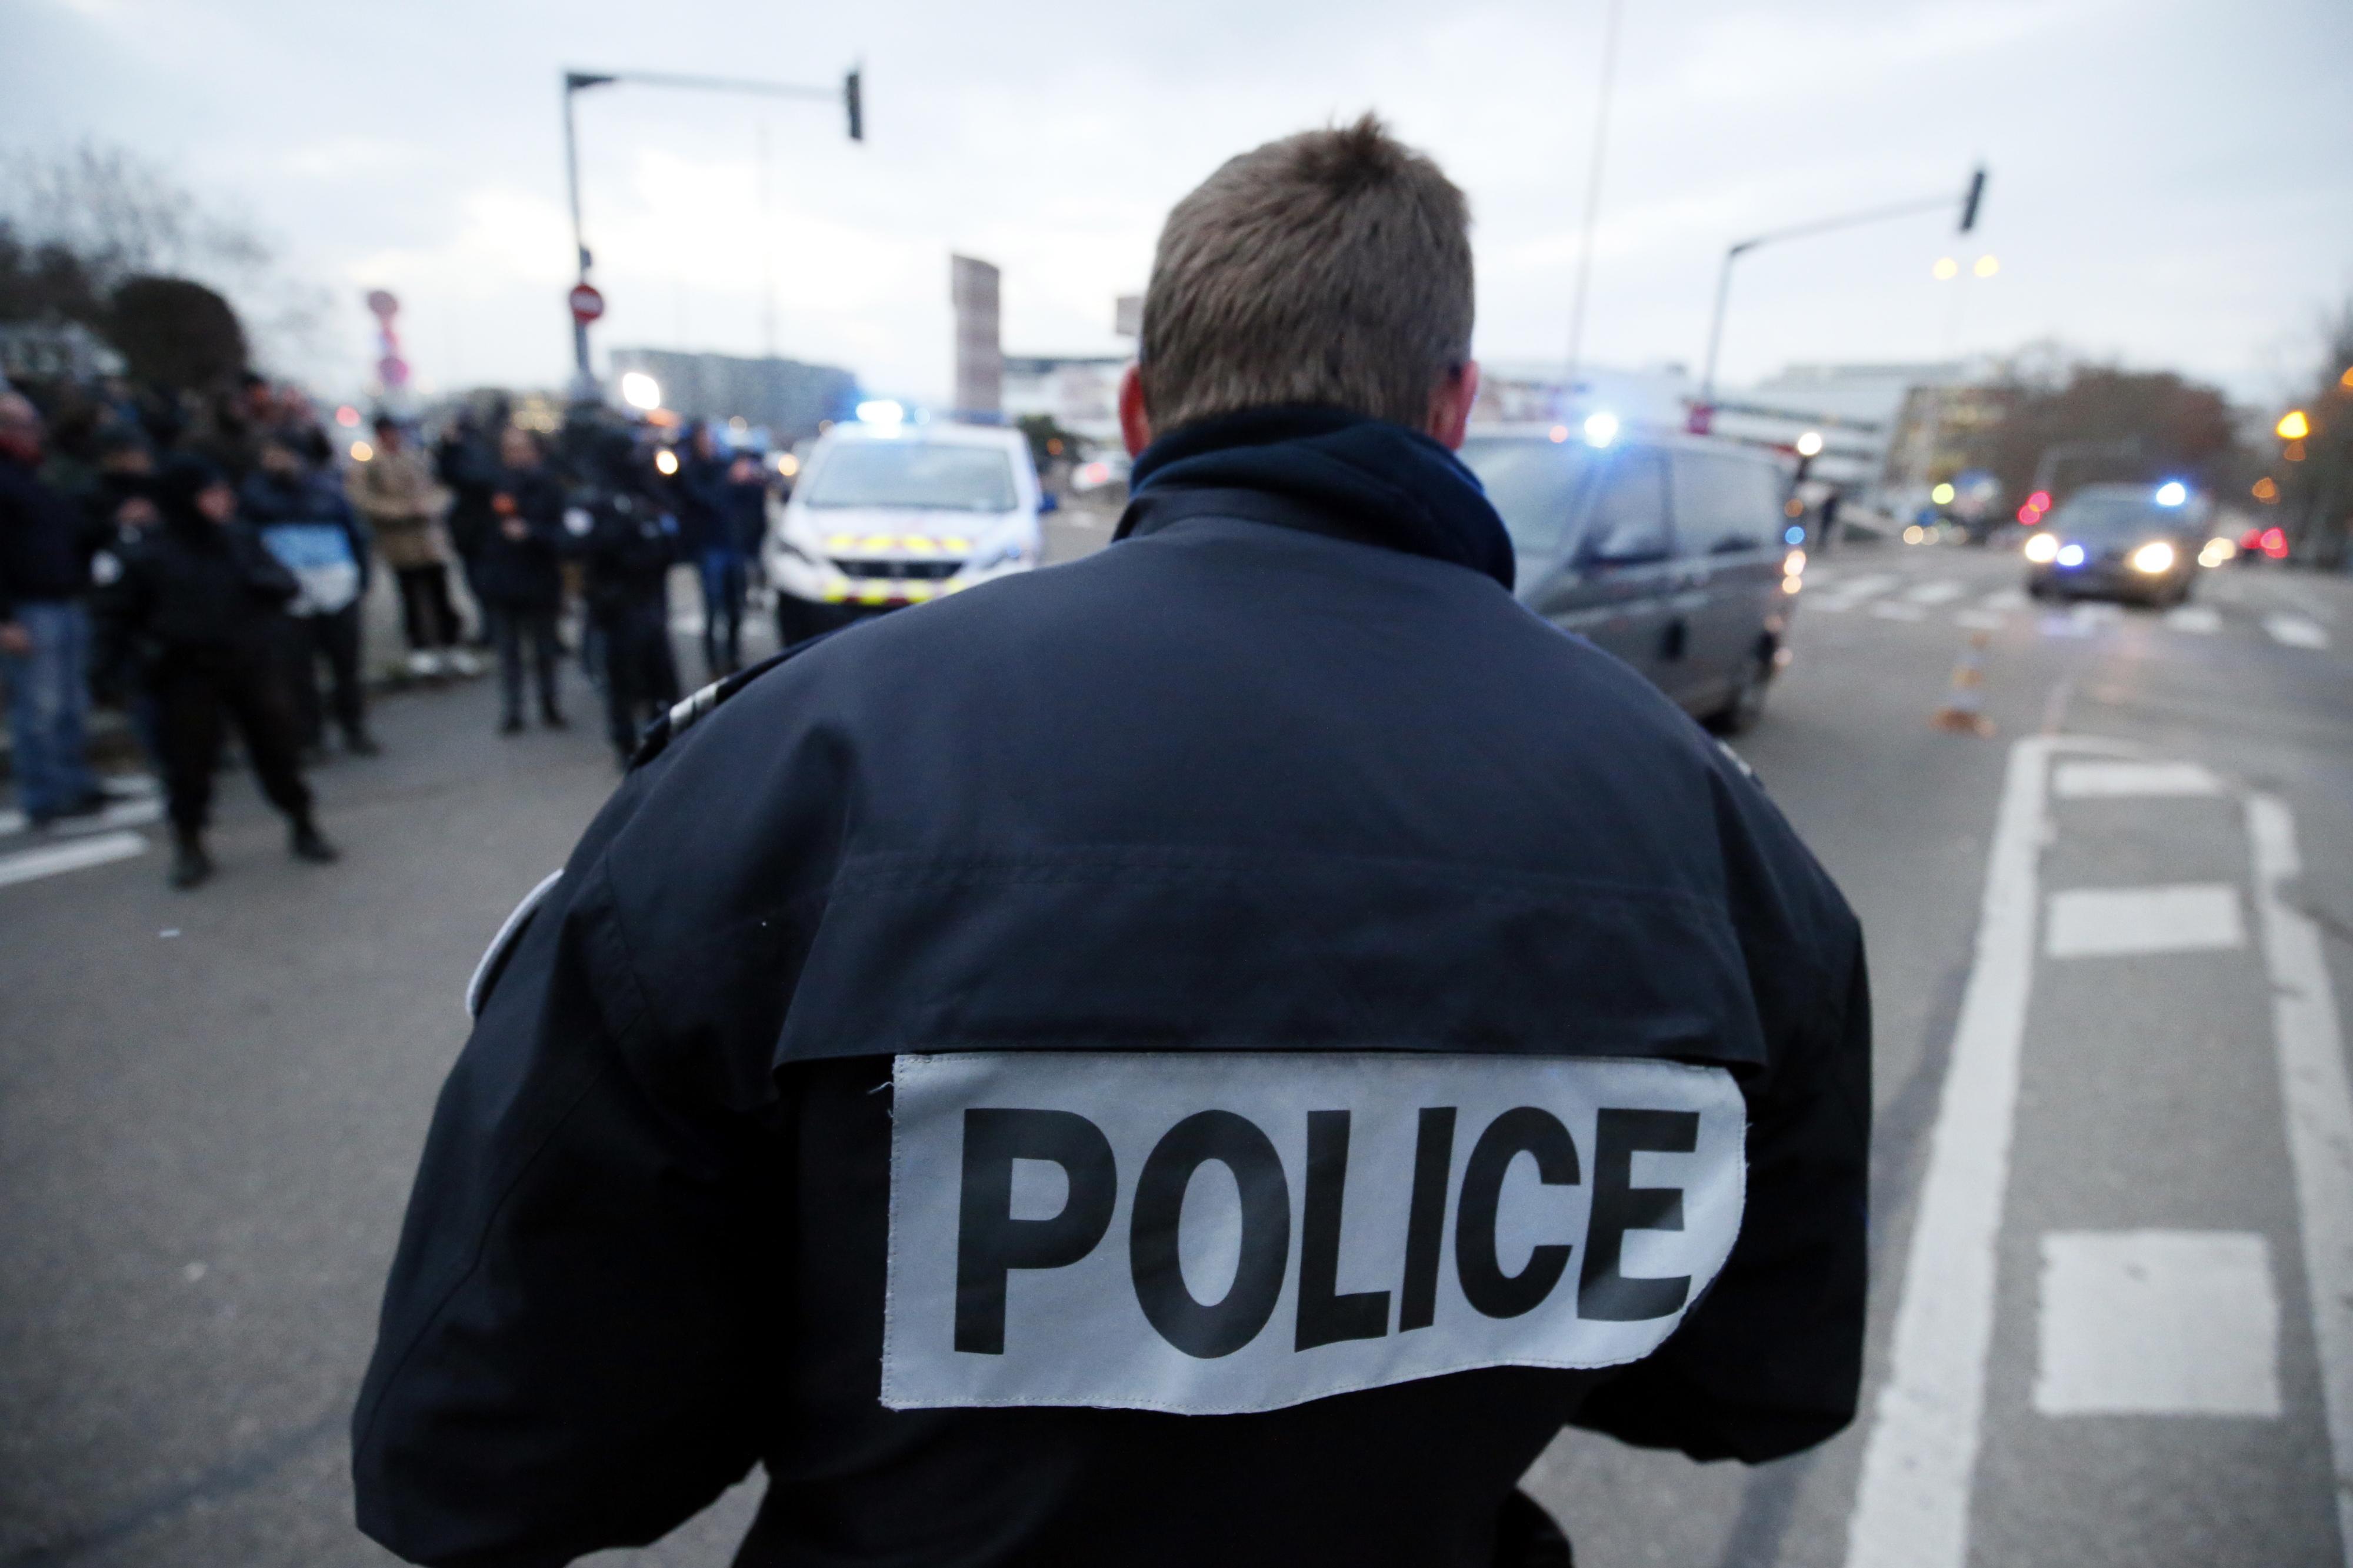 Dijon-PSG é o sétimo jogo adiado pela Liga francesa a pedido das autoridades